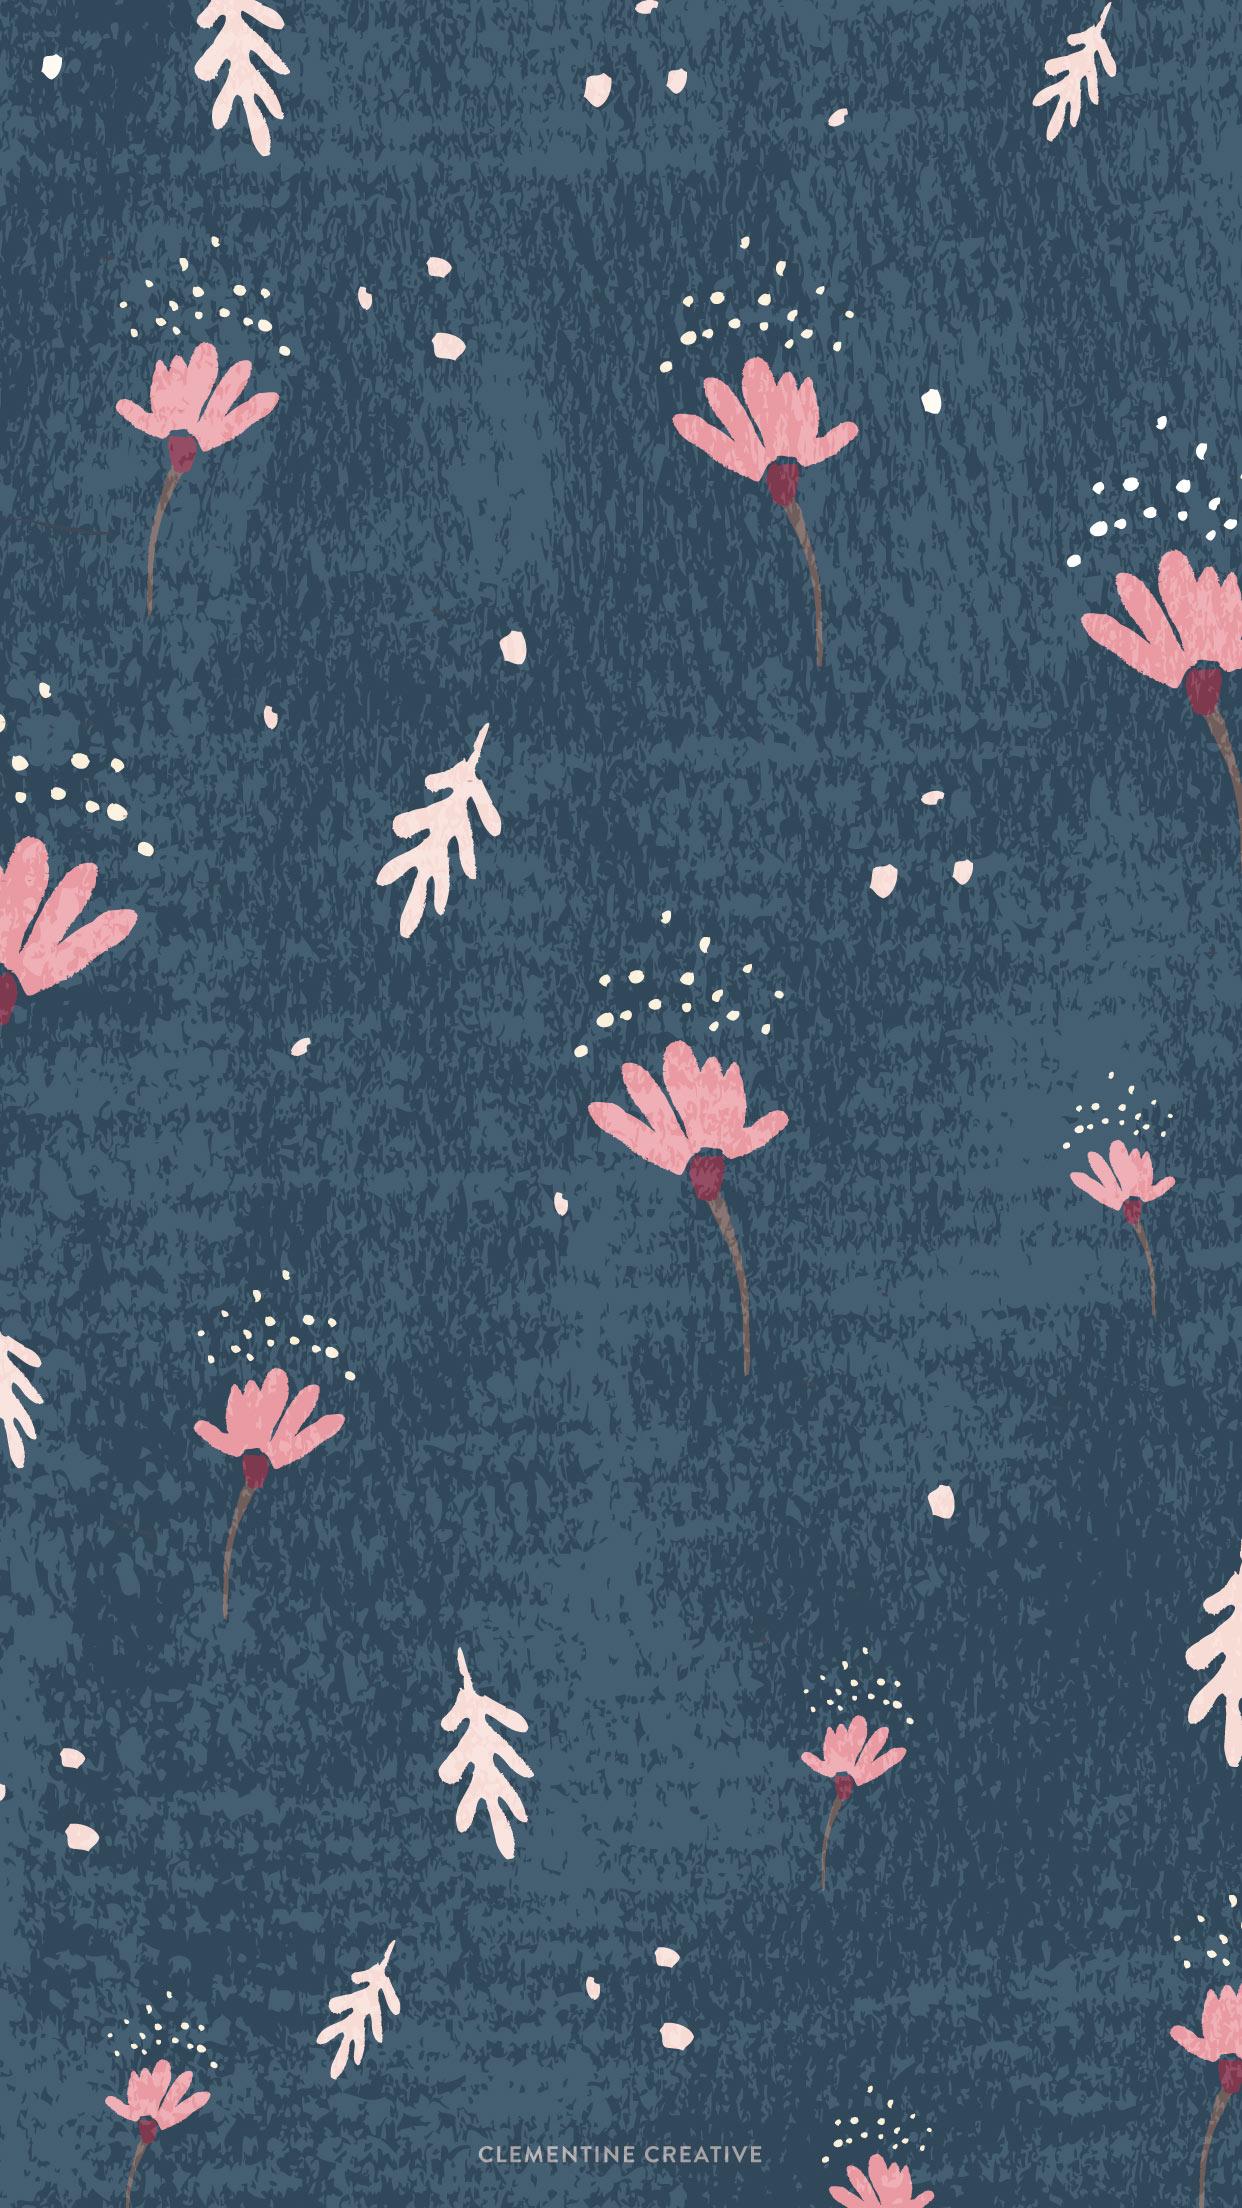 Wallpaper Dainty Falling Flowers 1242x2208